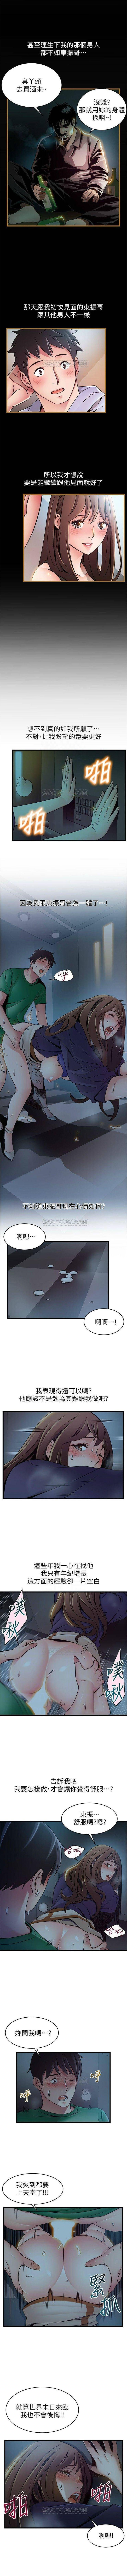 (週7)弱點 1-76 中文翻譯(更新中) 395